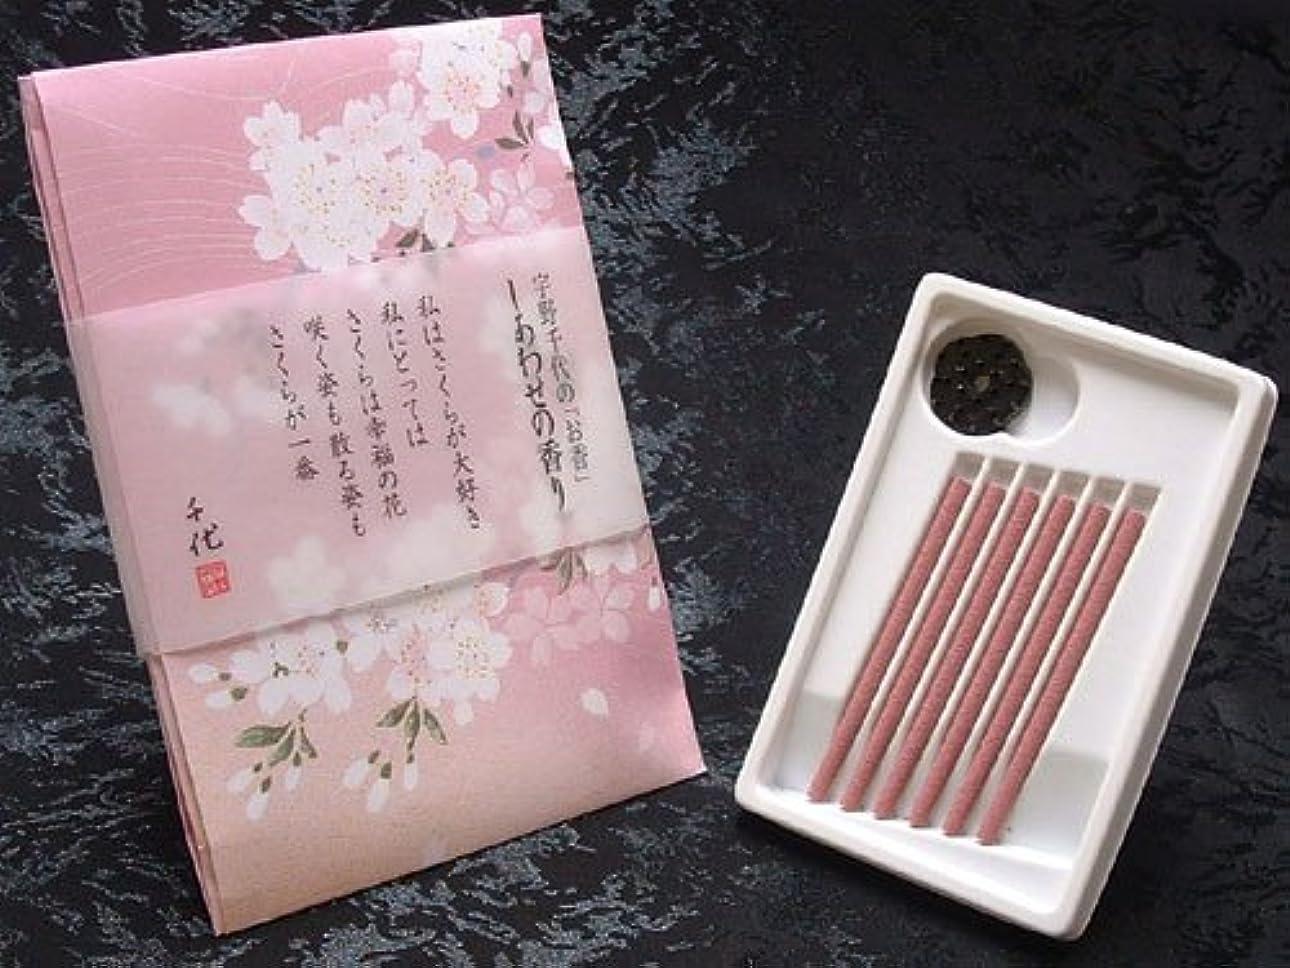 すり減る説得力のあるボトルネック日本香堂のお香 宇野千代 しあわせの香り スティック6本入り たとう紙